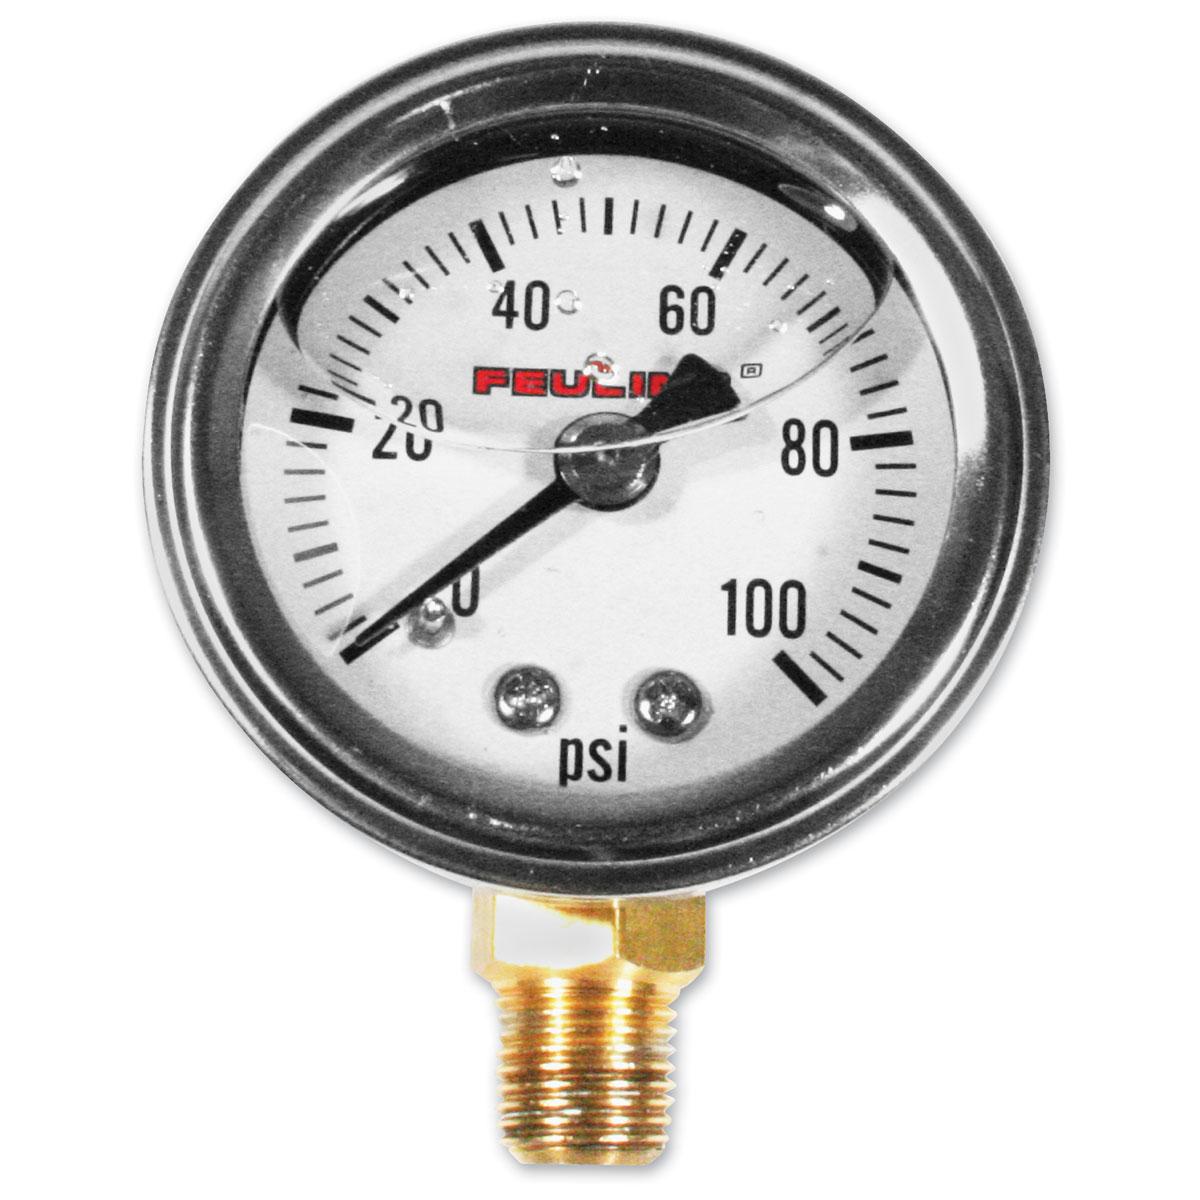 Feuling Liquid Filled Pressure Gauge